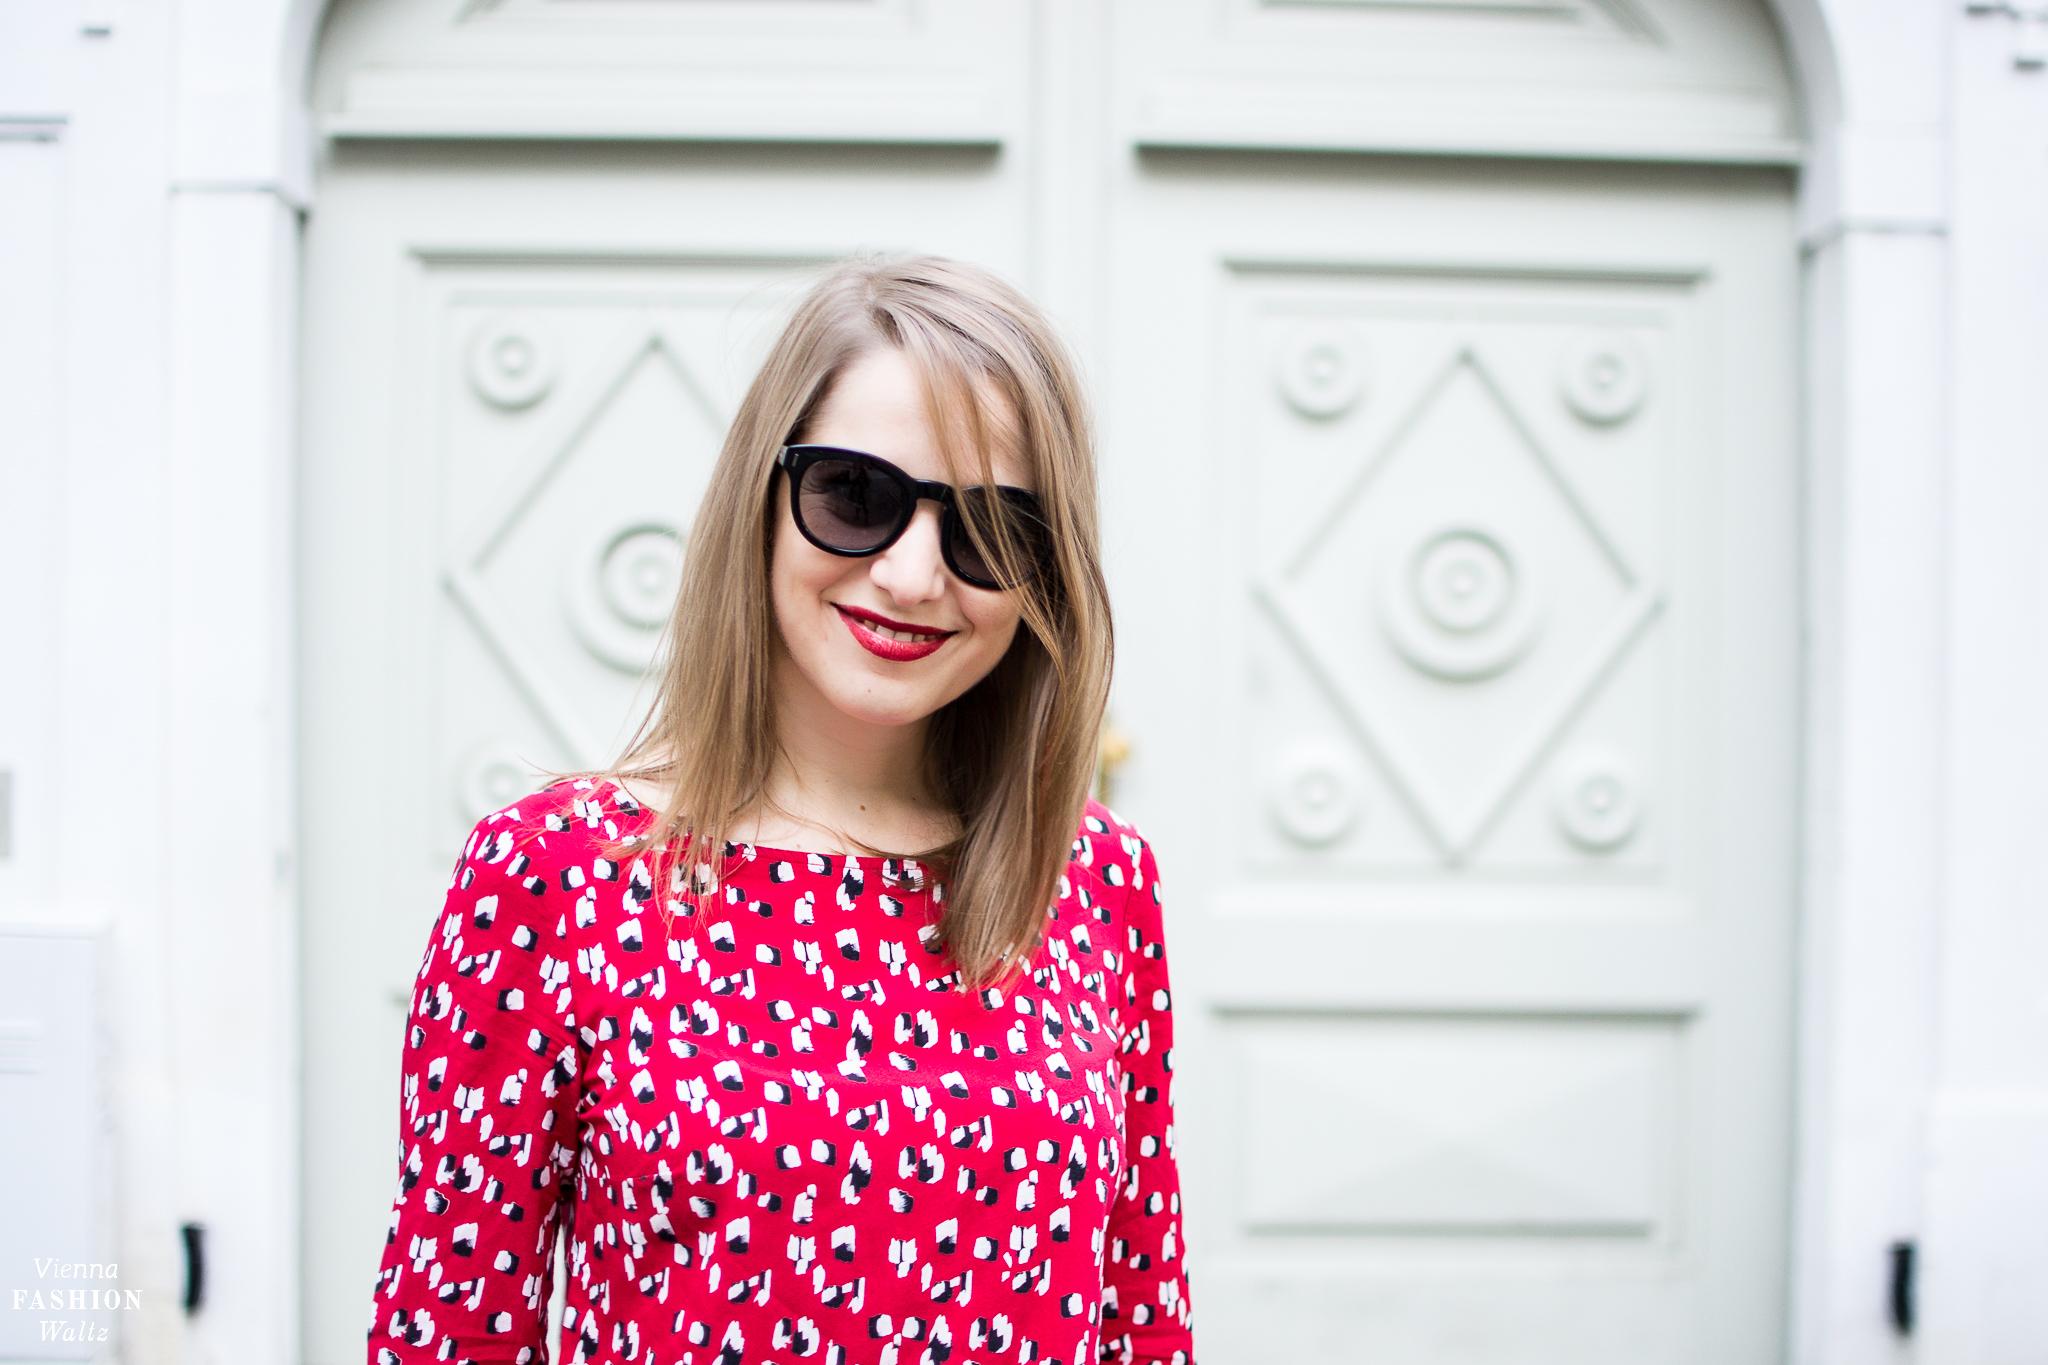 Fashion-, Beauty- und Lifestyleblog Vienna Fashion Waltz Must-Have in diesem Herbst Trendfarbe Rot (19)